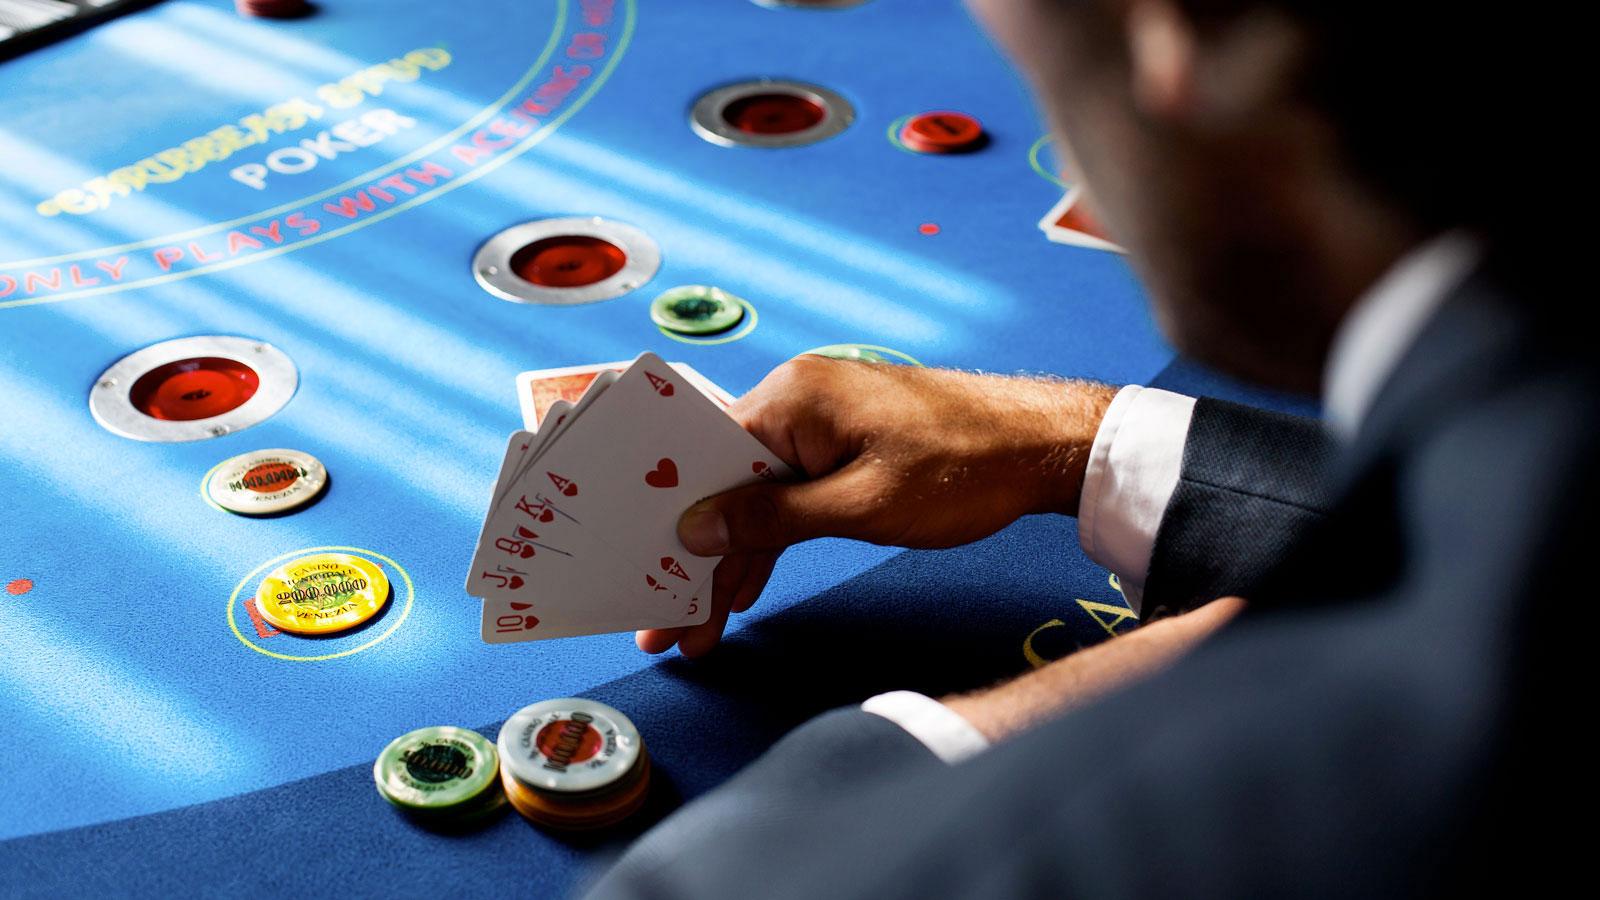 Online Poker Always Better Than Land Based post thumbnail image